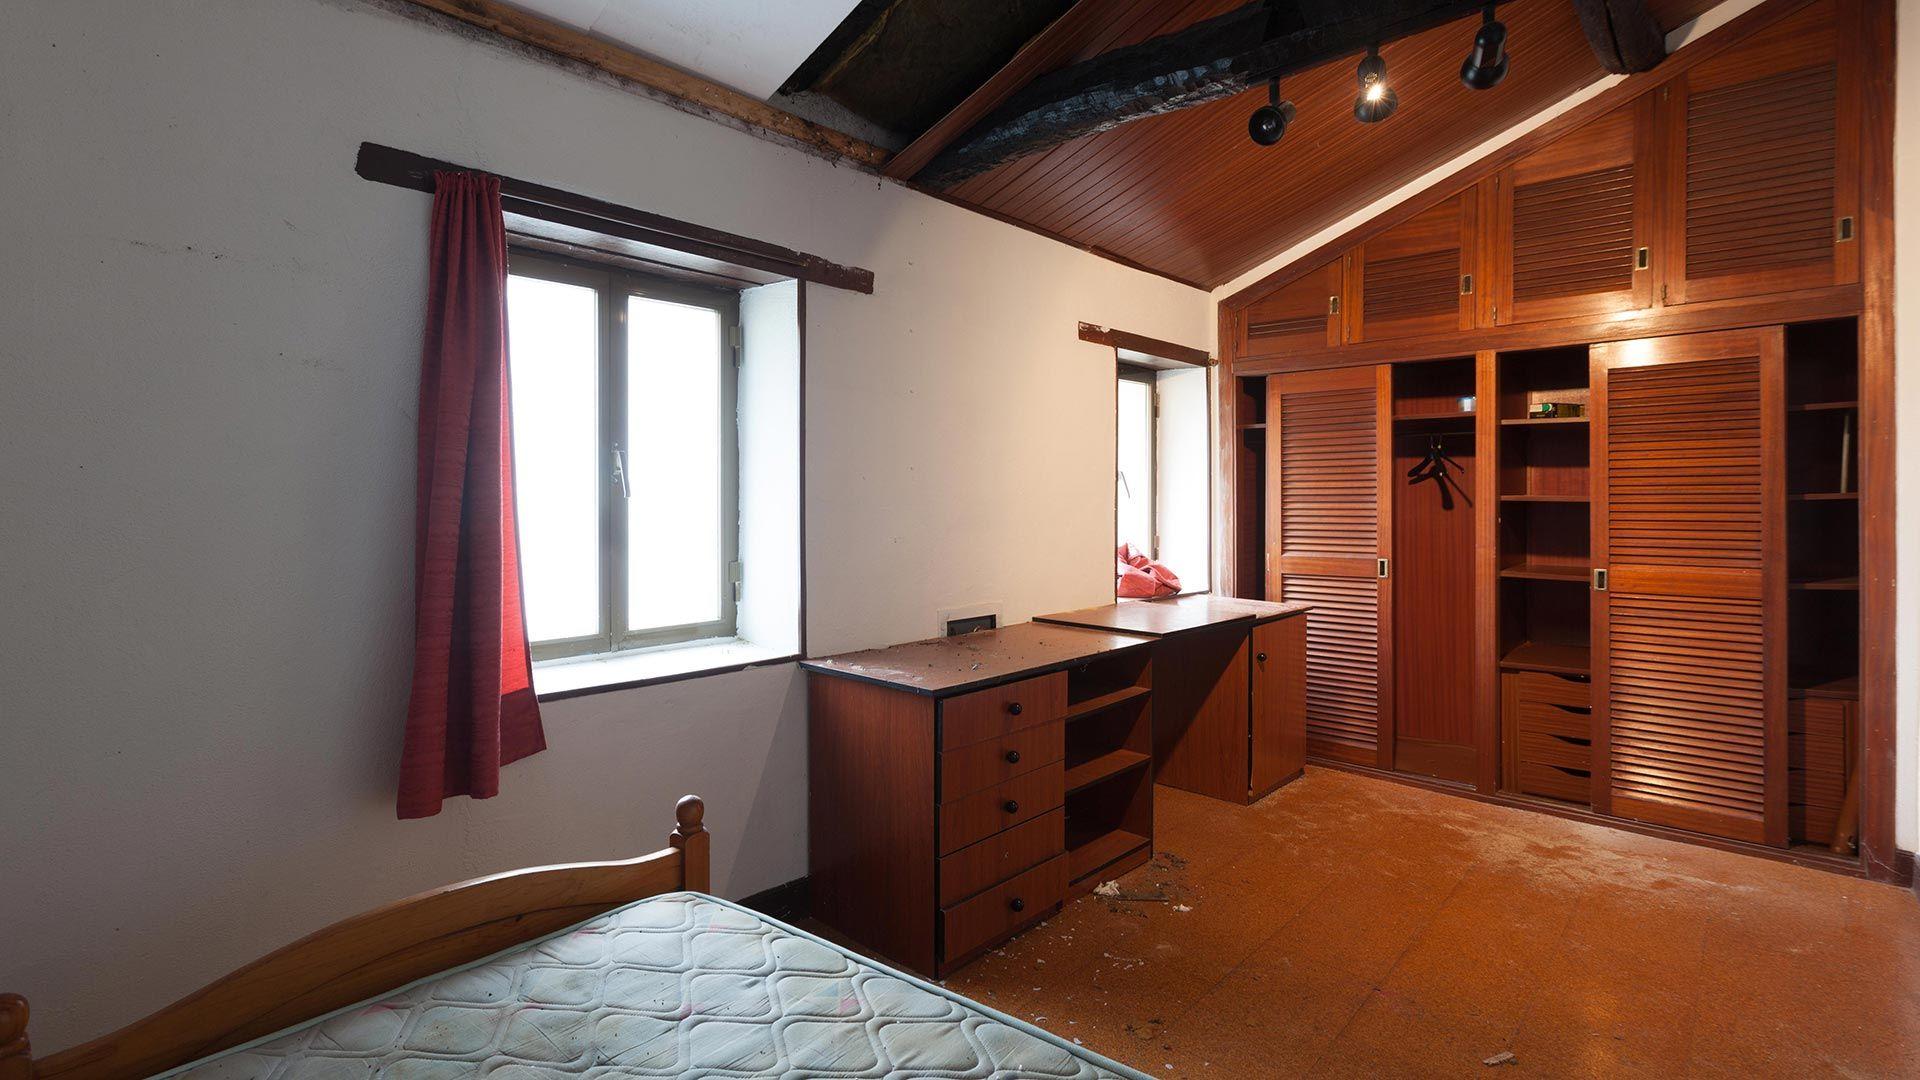 Decorar dormitorio con detalles espaciales antes